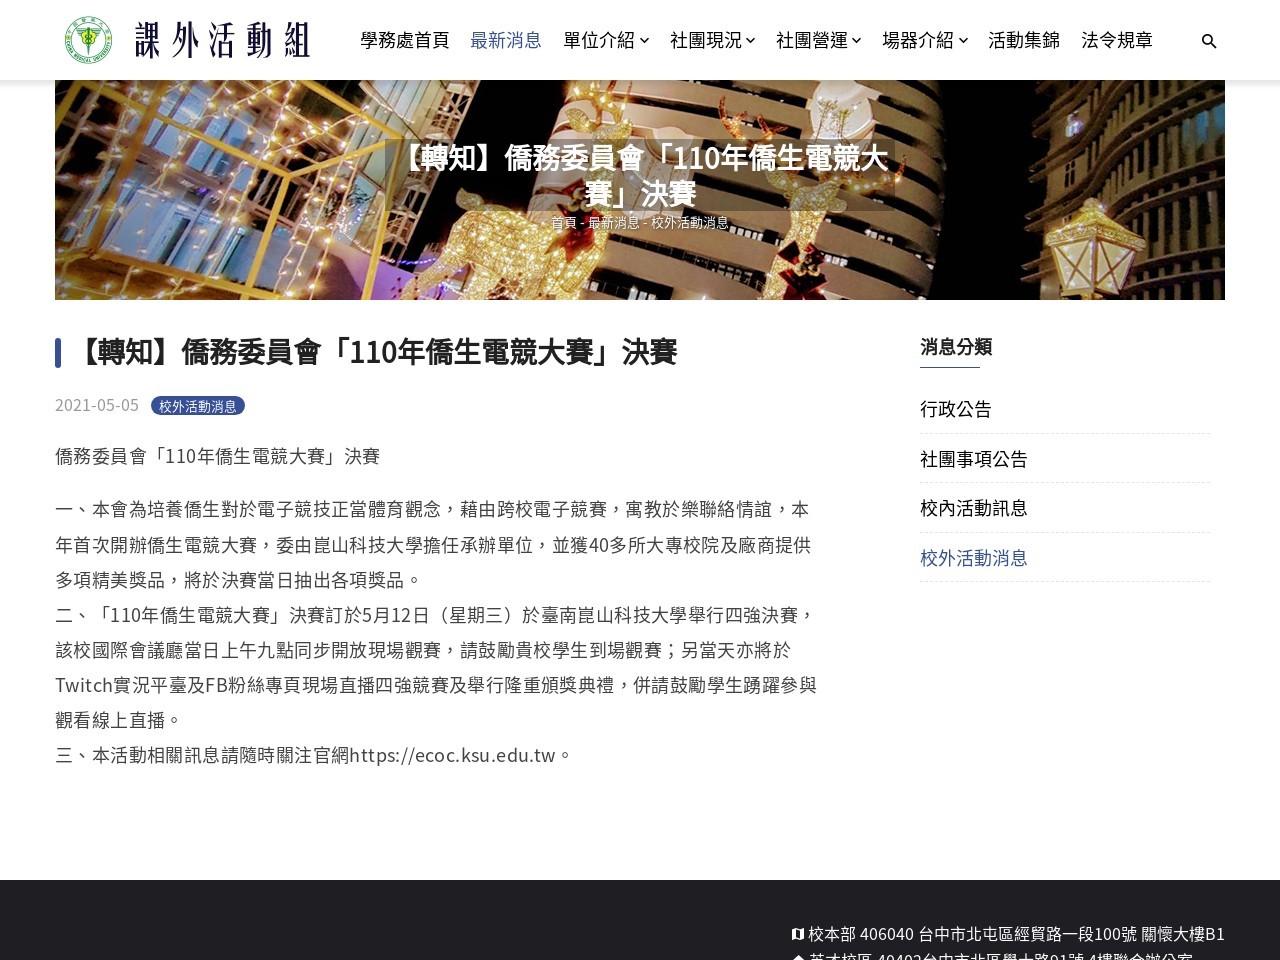 【轉知】僑務委員會「110年僑生電競大賽」決賽